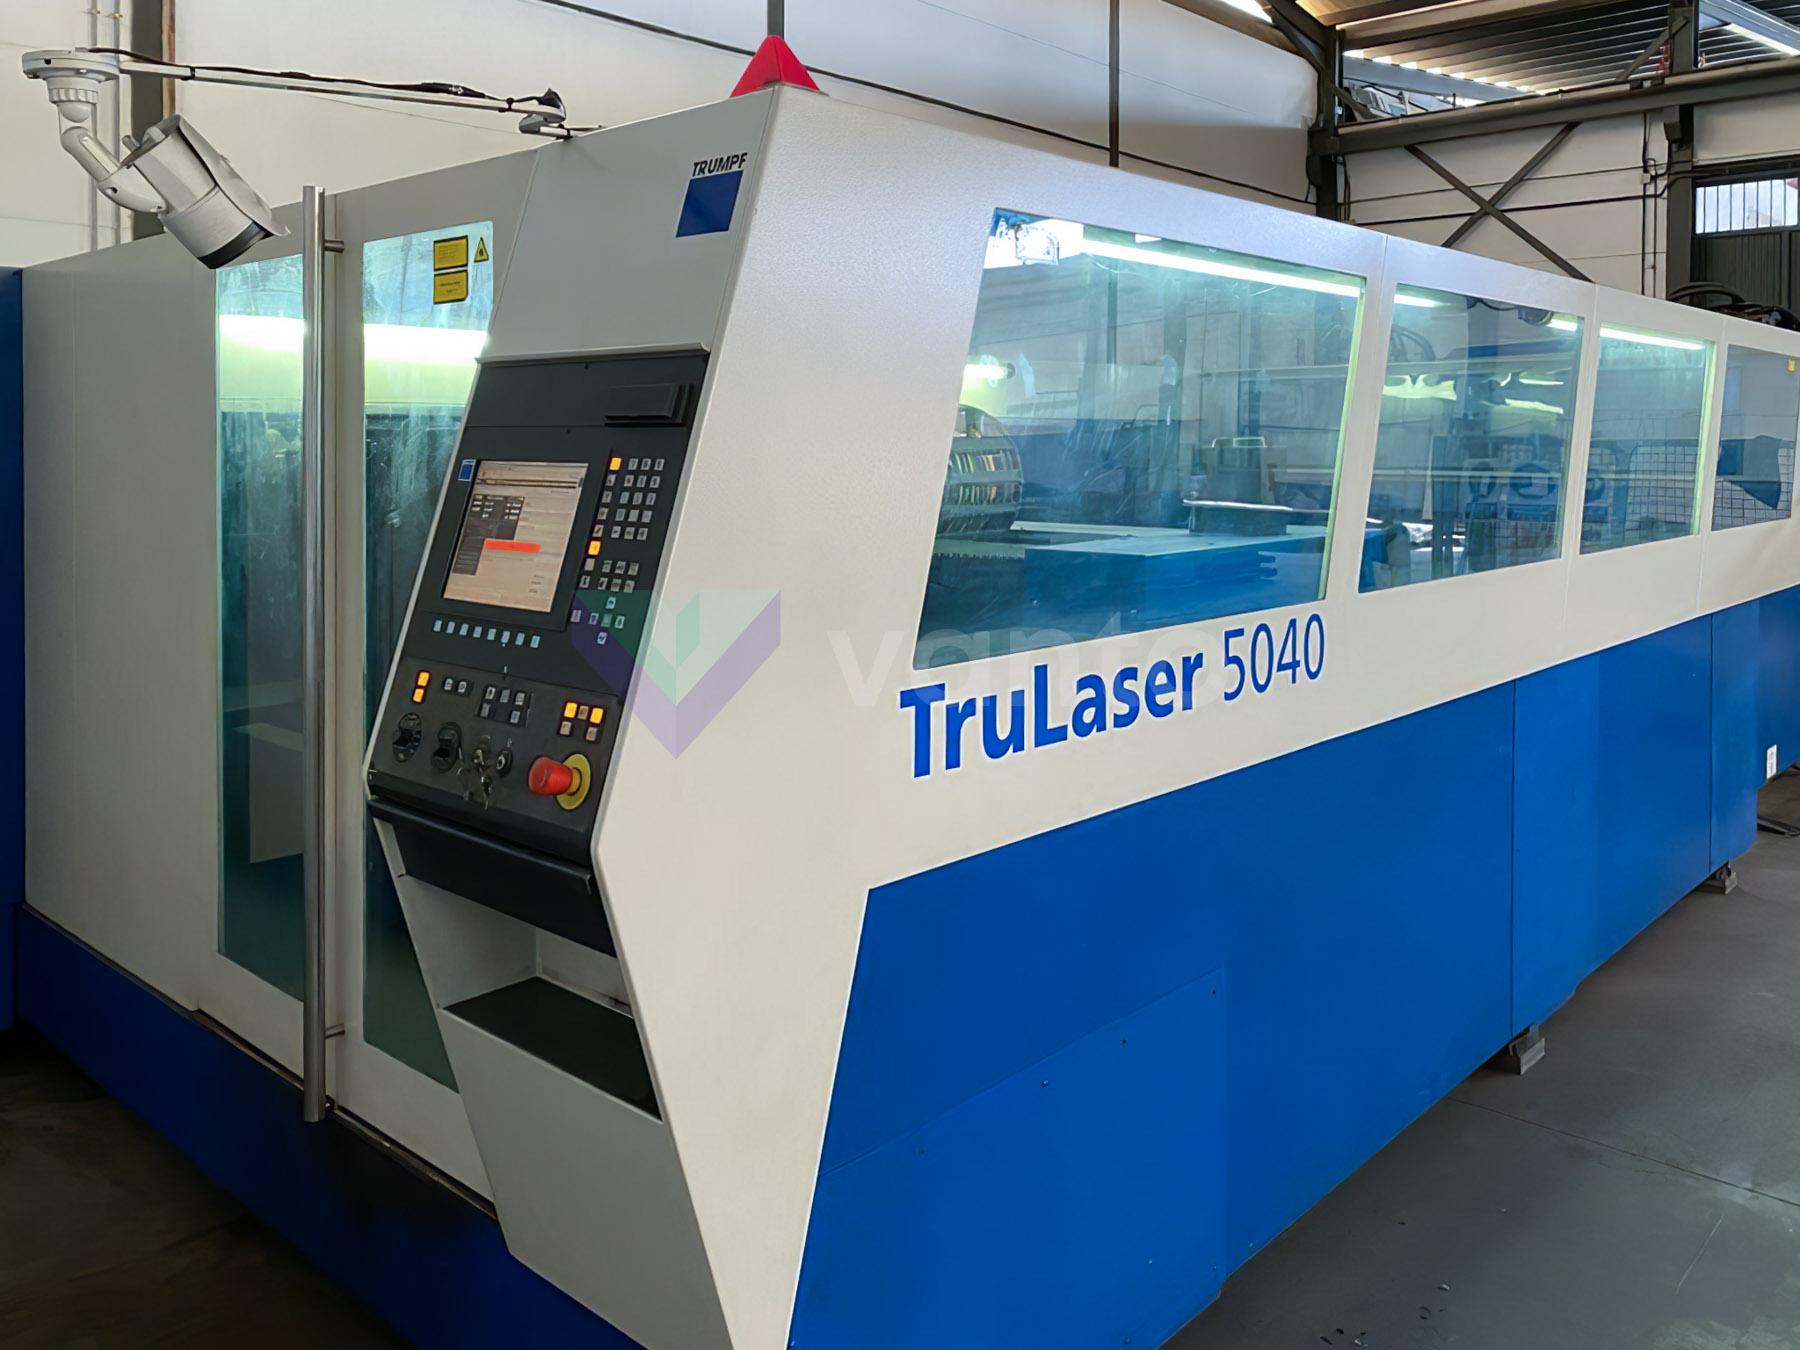 آلة القطع بالليزر (CO2) TRUMPF TruLaser 5040 (2006) id10419